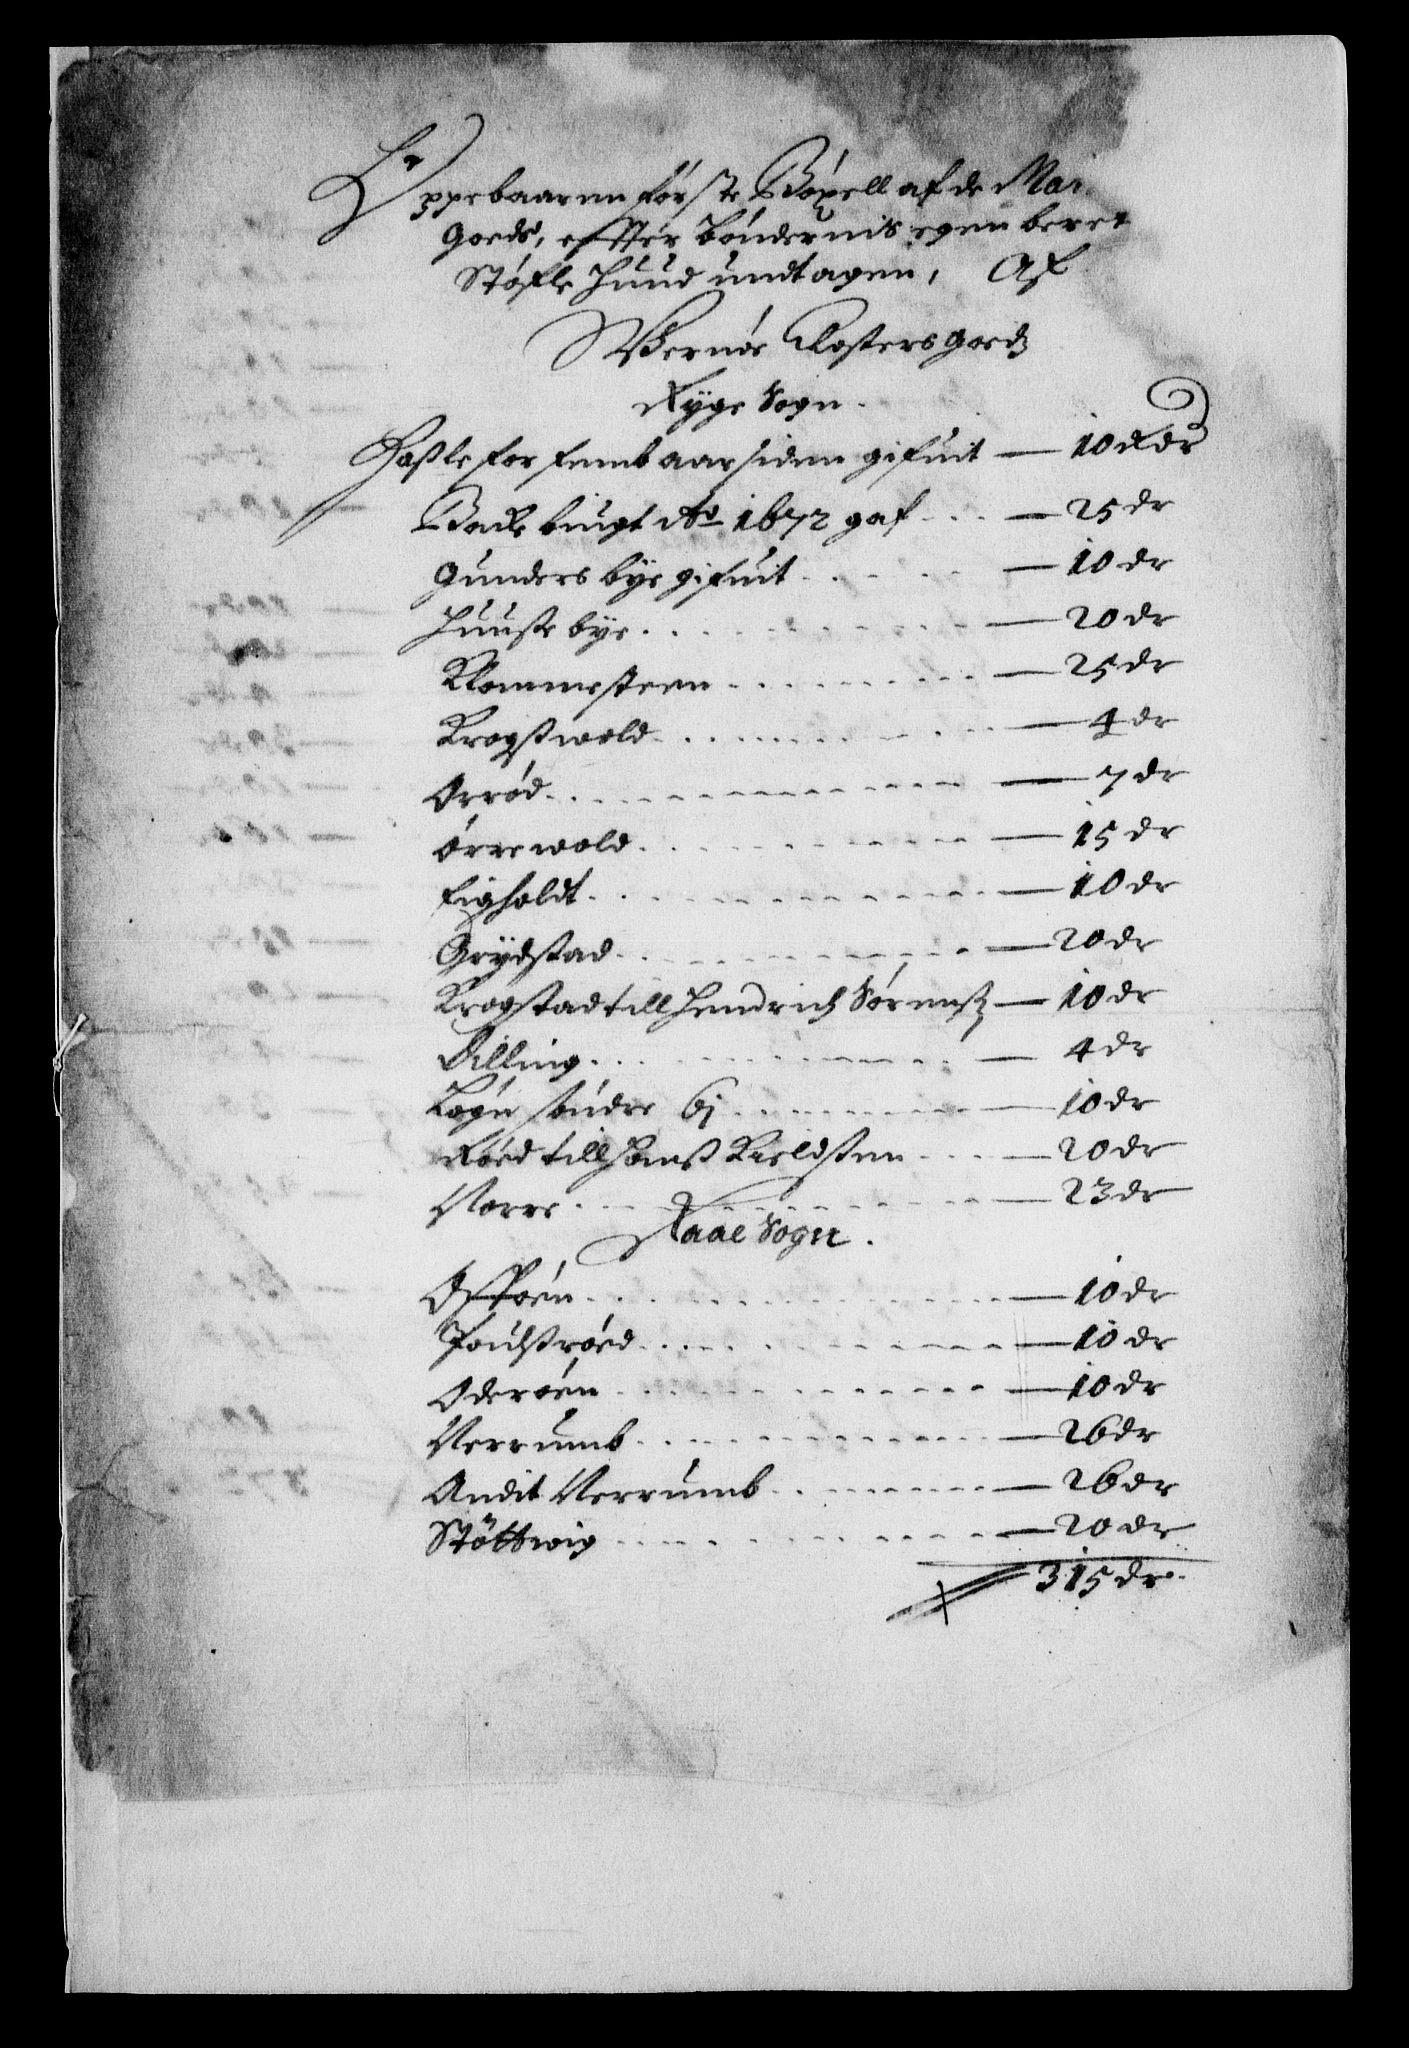 RA, Rentekammeret inntil 1814, Realistisk ordnet avdeling, On/L0007: [Jj 8]: Jordebøker og dokumenter innlevert til kongelig kommisjon 1672: Verne klosters gods, 1658-1672, s. 177